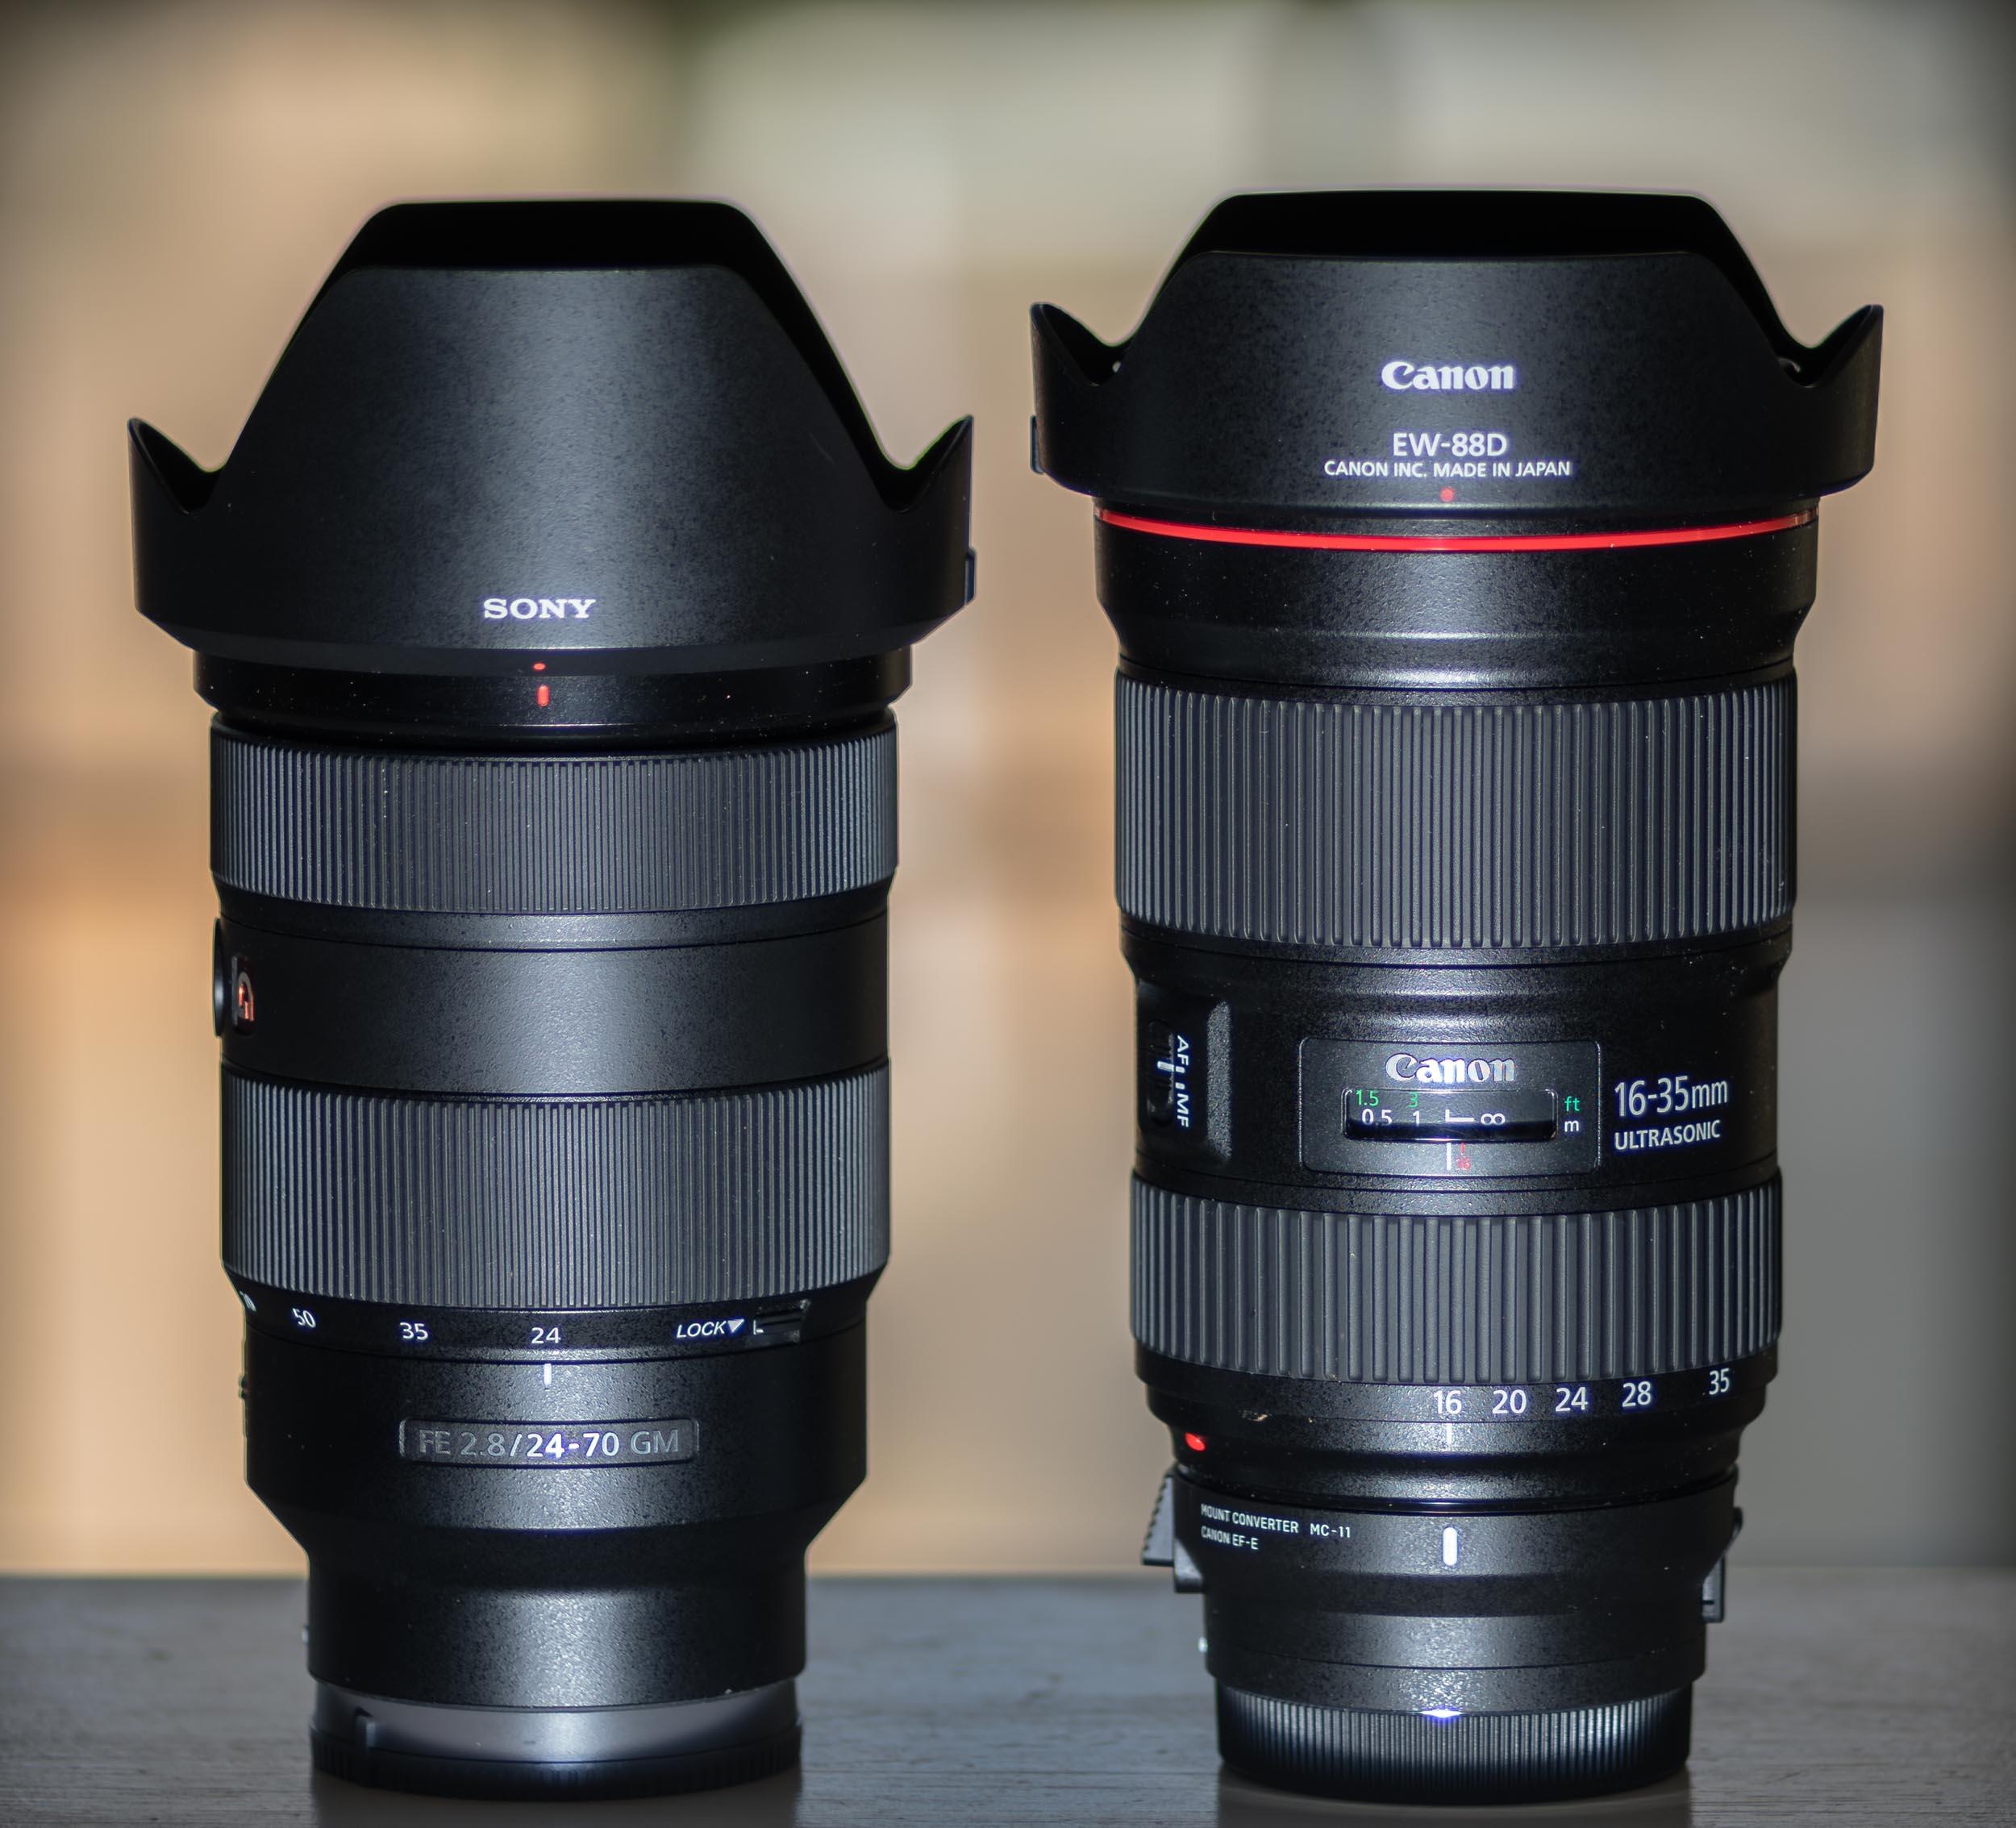 Sony FE 24-70mm f/2.8 GM vs Canon EF 16-35mm f/2.8L III USM with Sigma MC-11 attached.